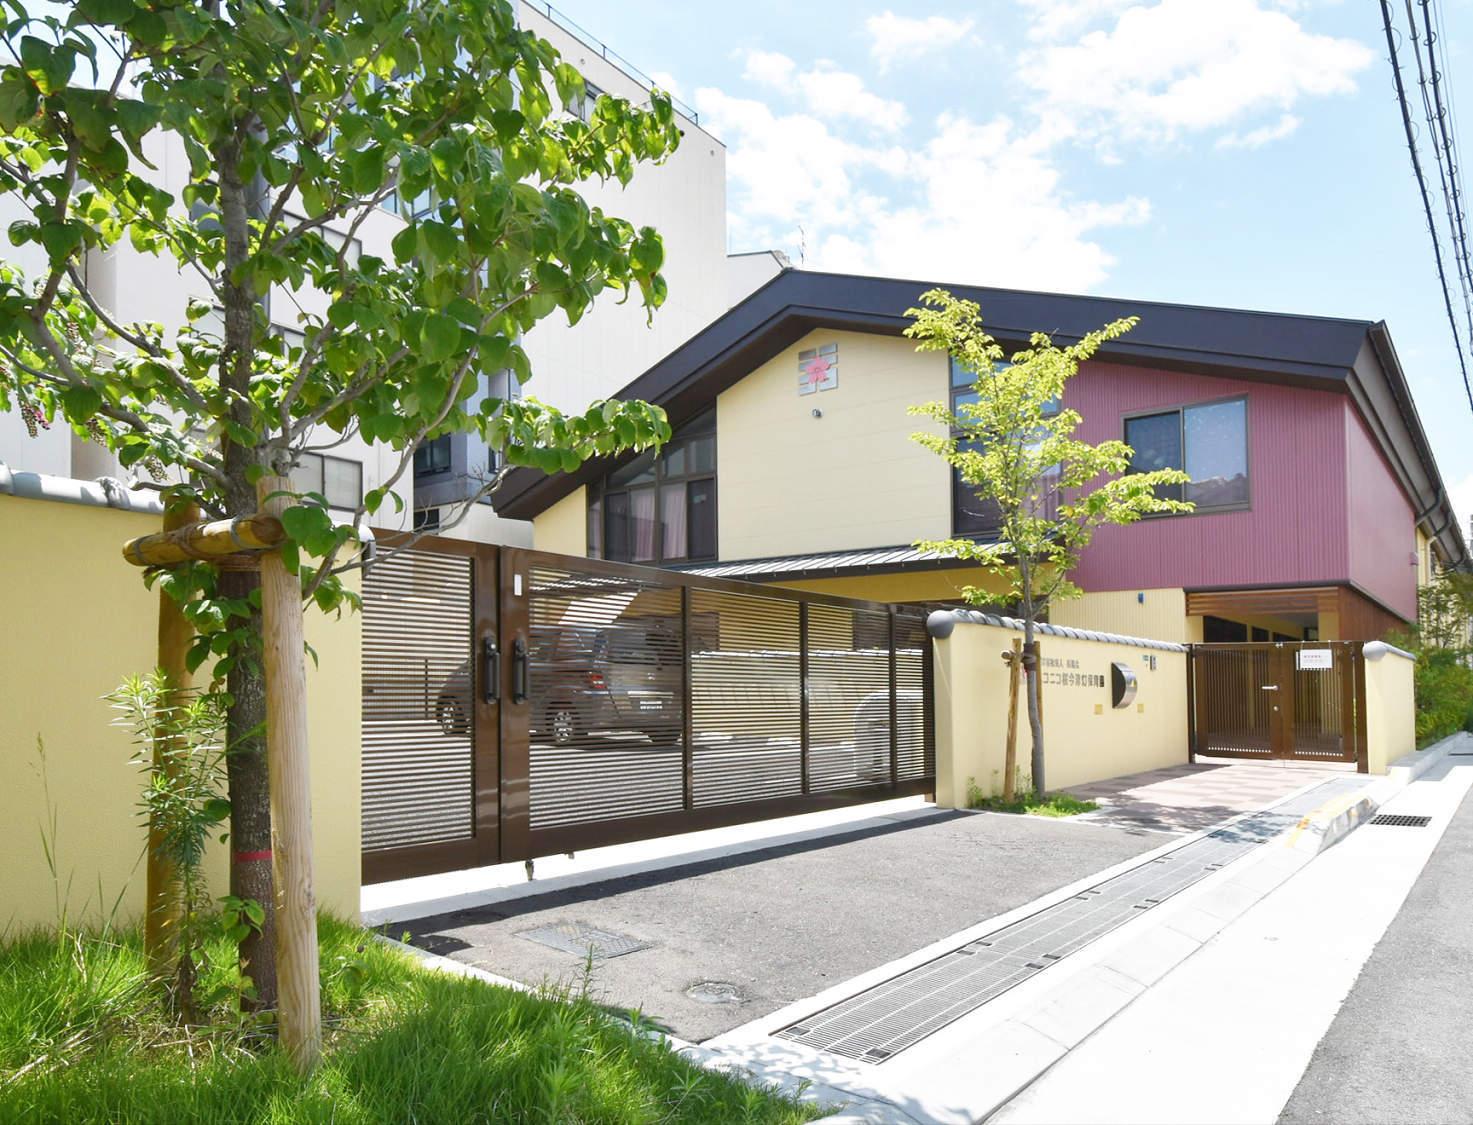 ニコニコ桜今津灯保育園様がシルバー賞に選ばれました_a0279334_11165237.jpg